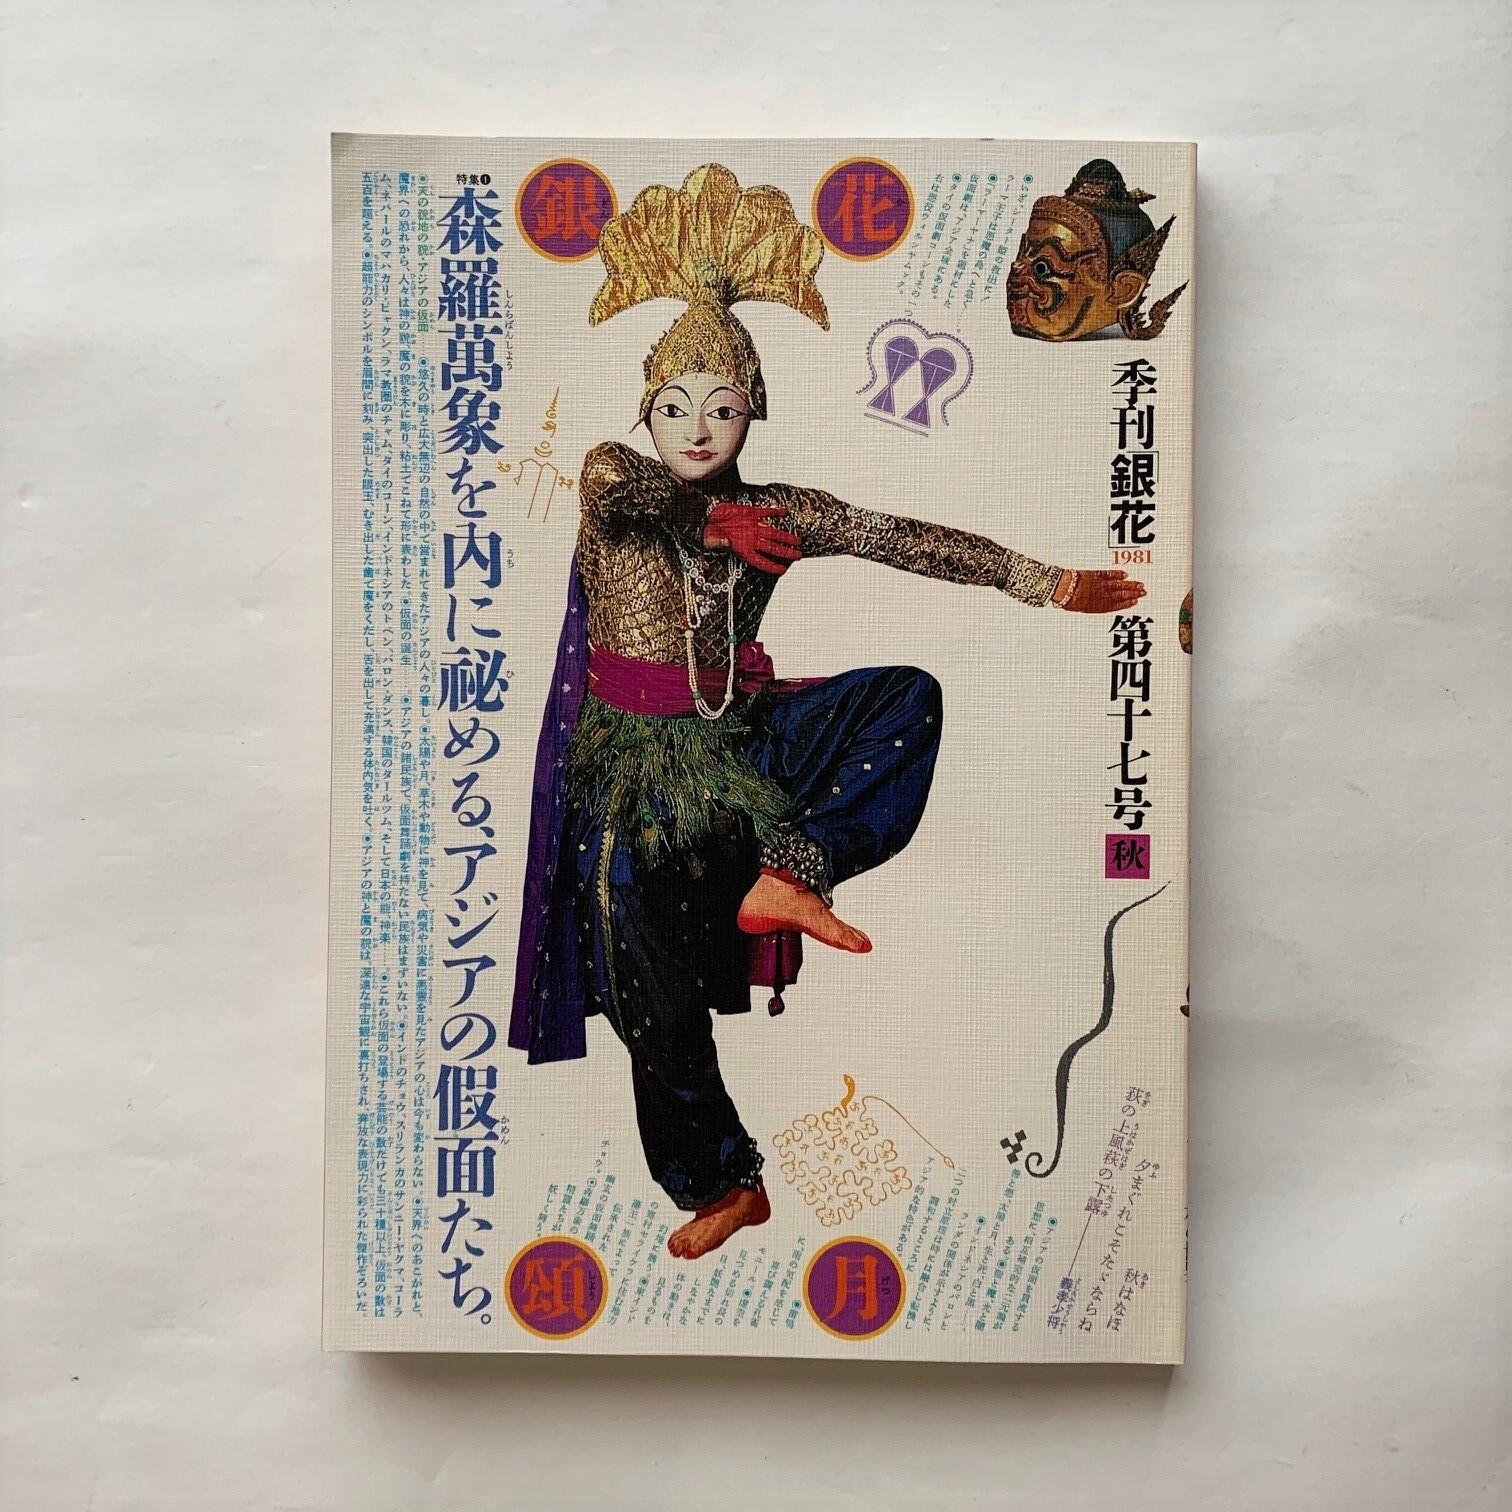 天の貌 地の貌 アジアの仮面 / 季刊「銀花」 / 1981年9月 秋 第47号